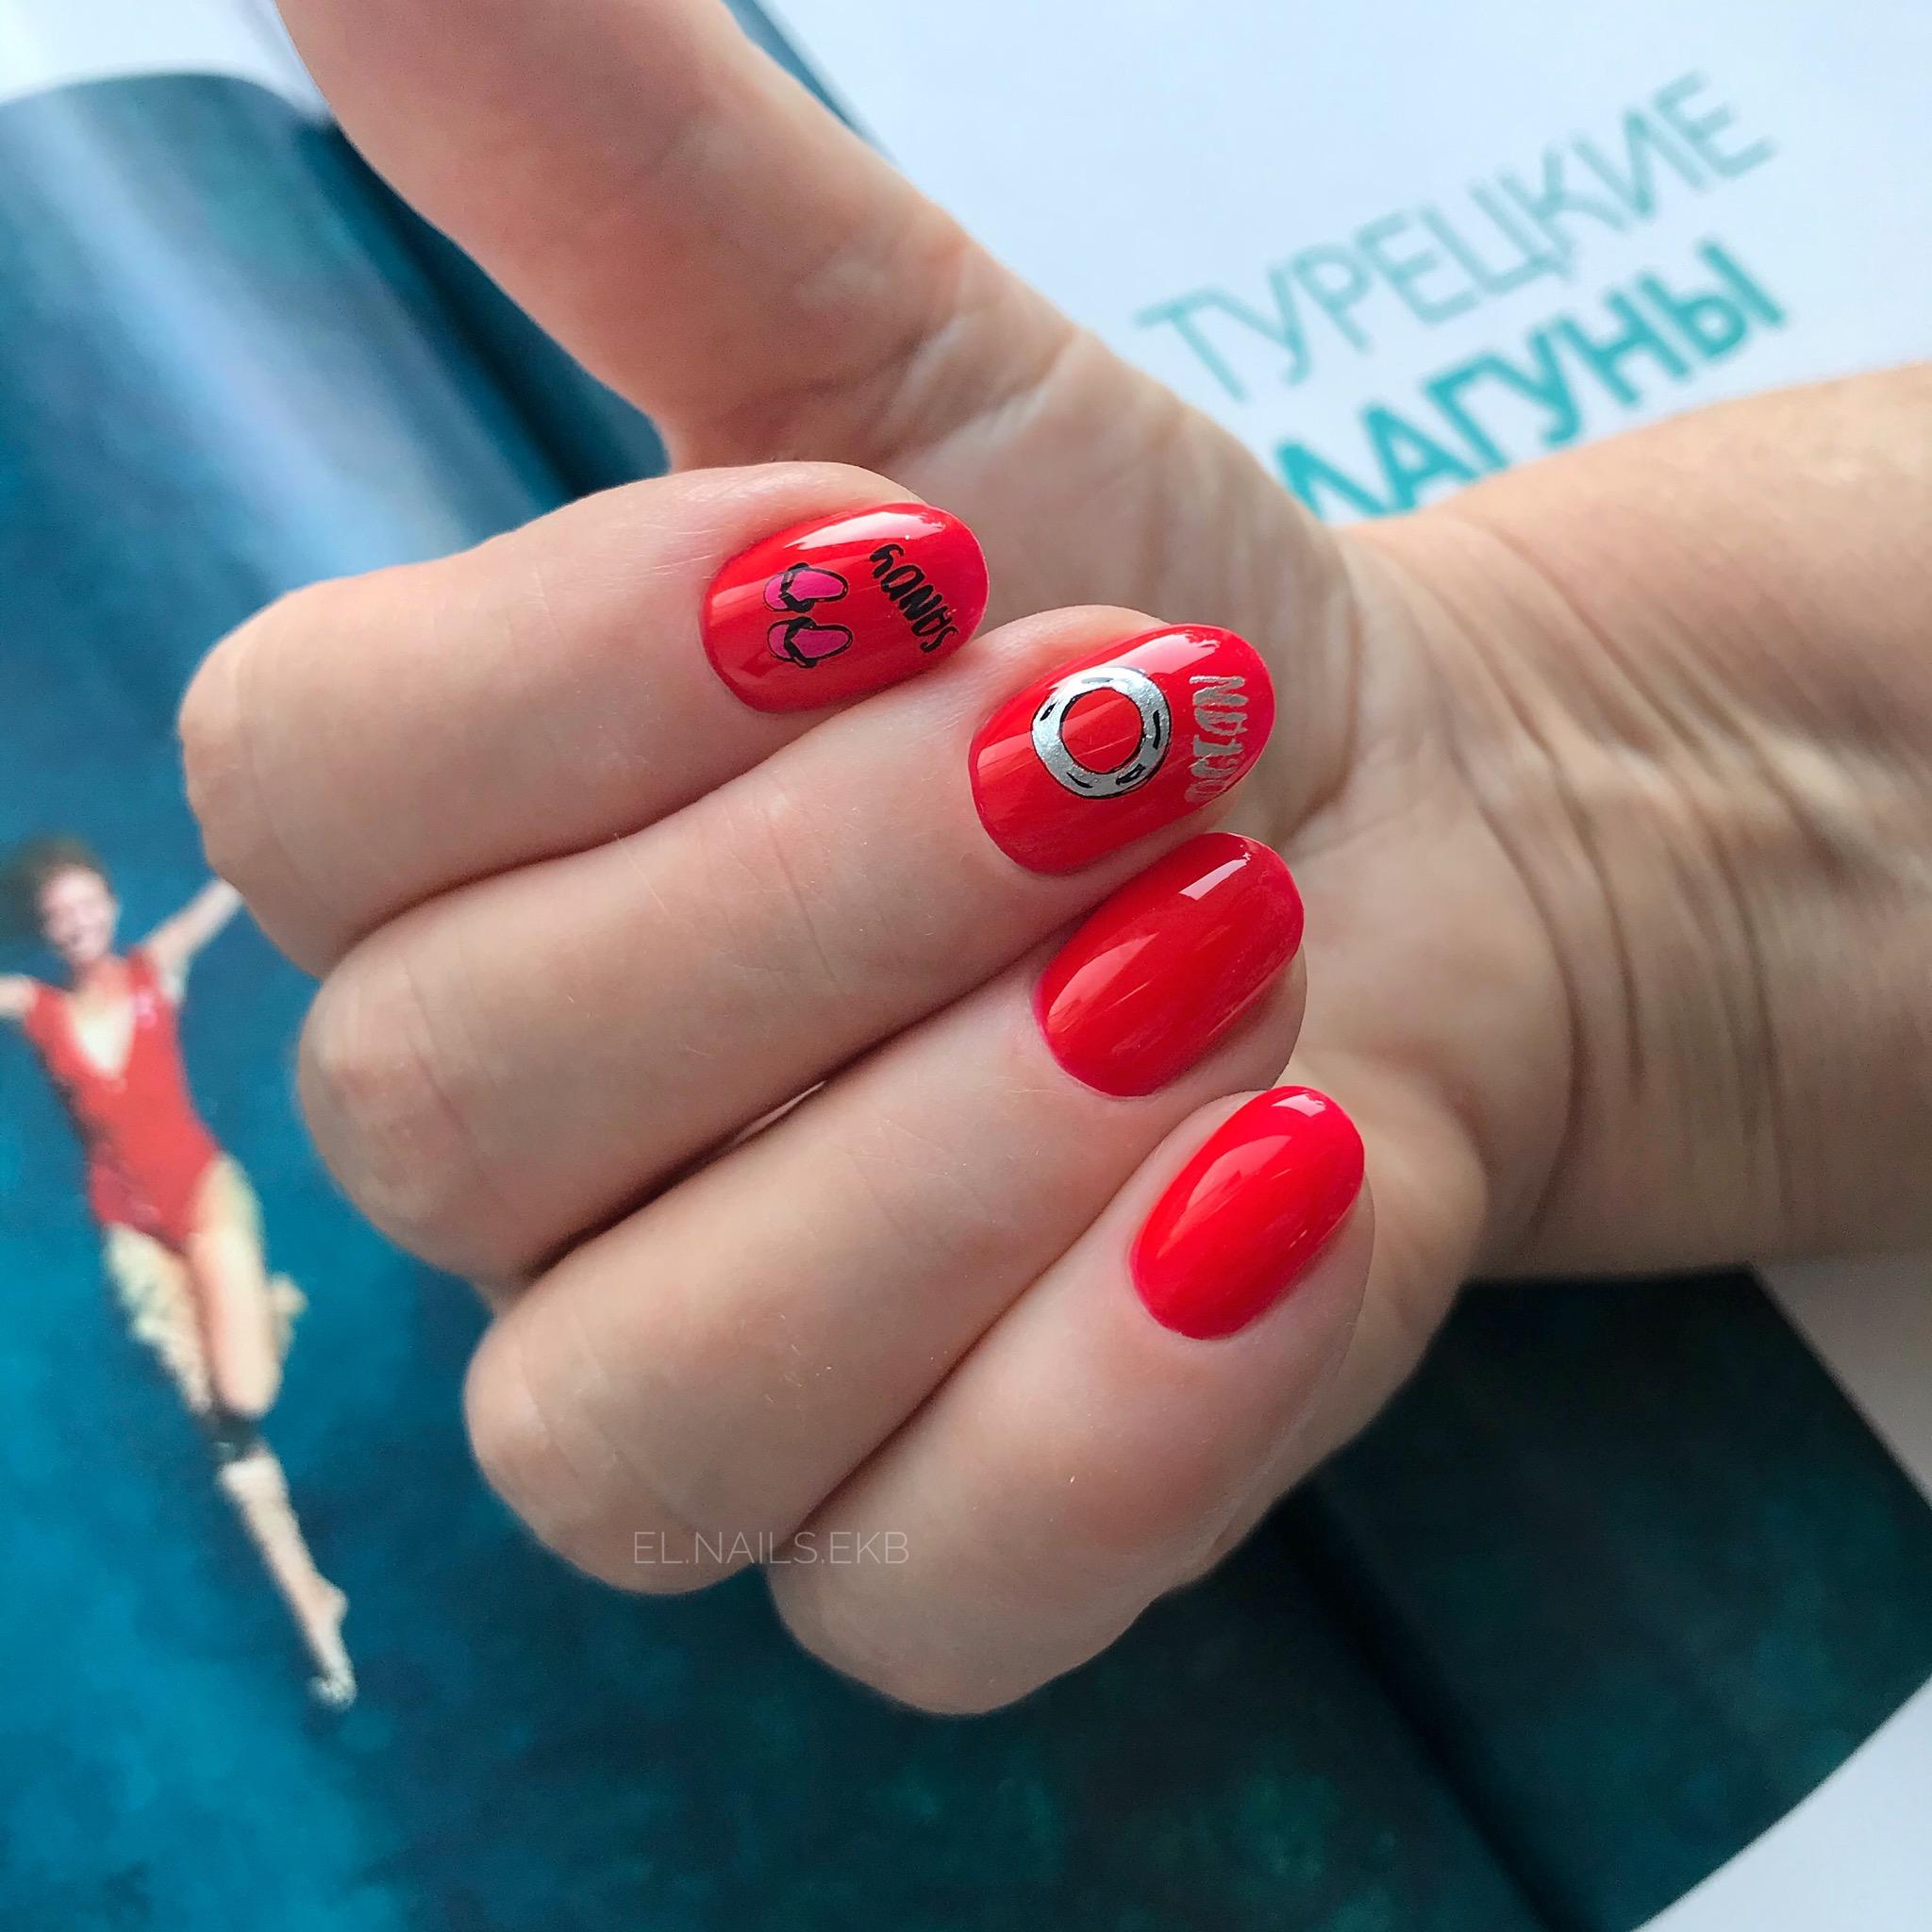 Маникюр со слайдерами и надписями в красном цвете на короткие ногти.